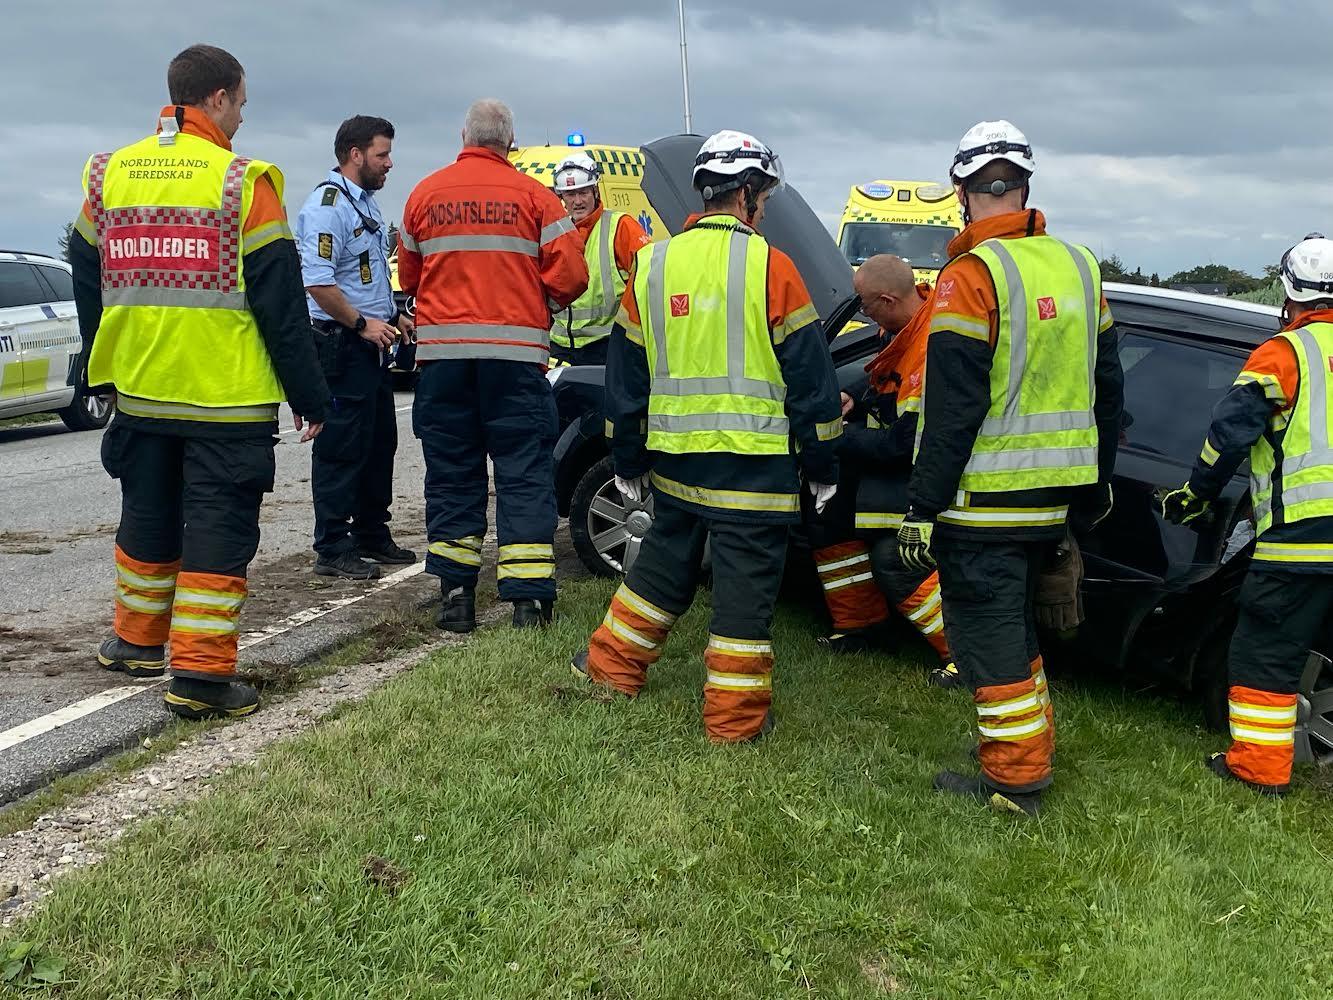 Voldsom bilulykke - bil på siden i grøft